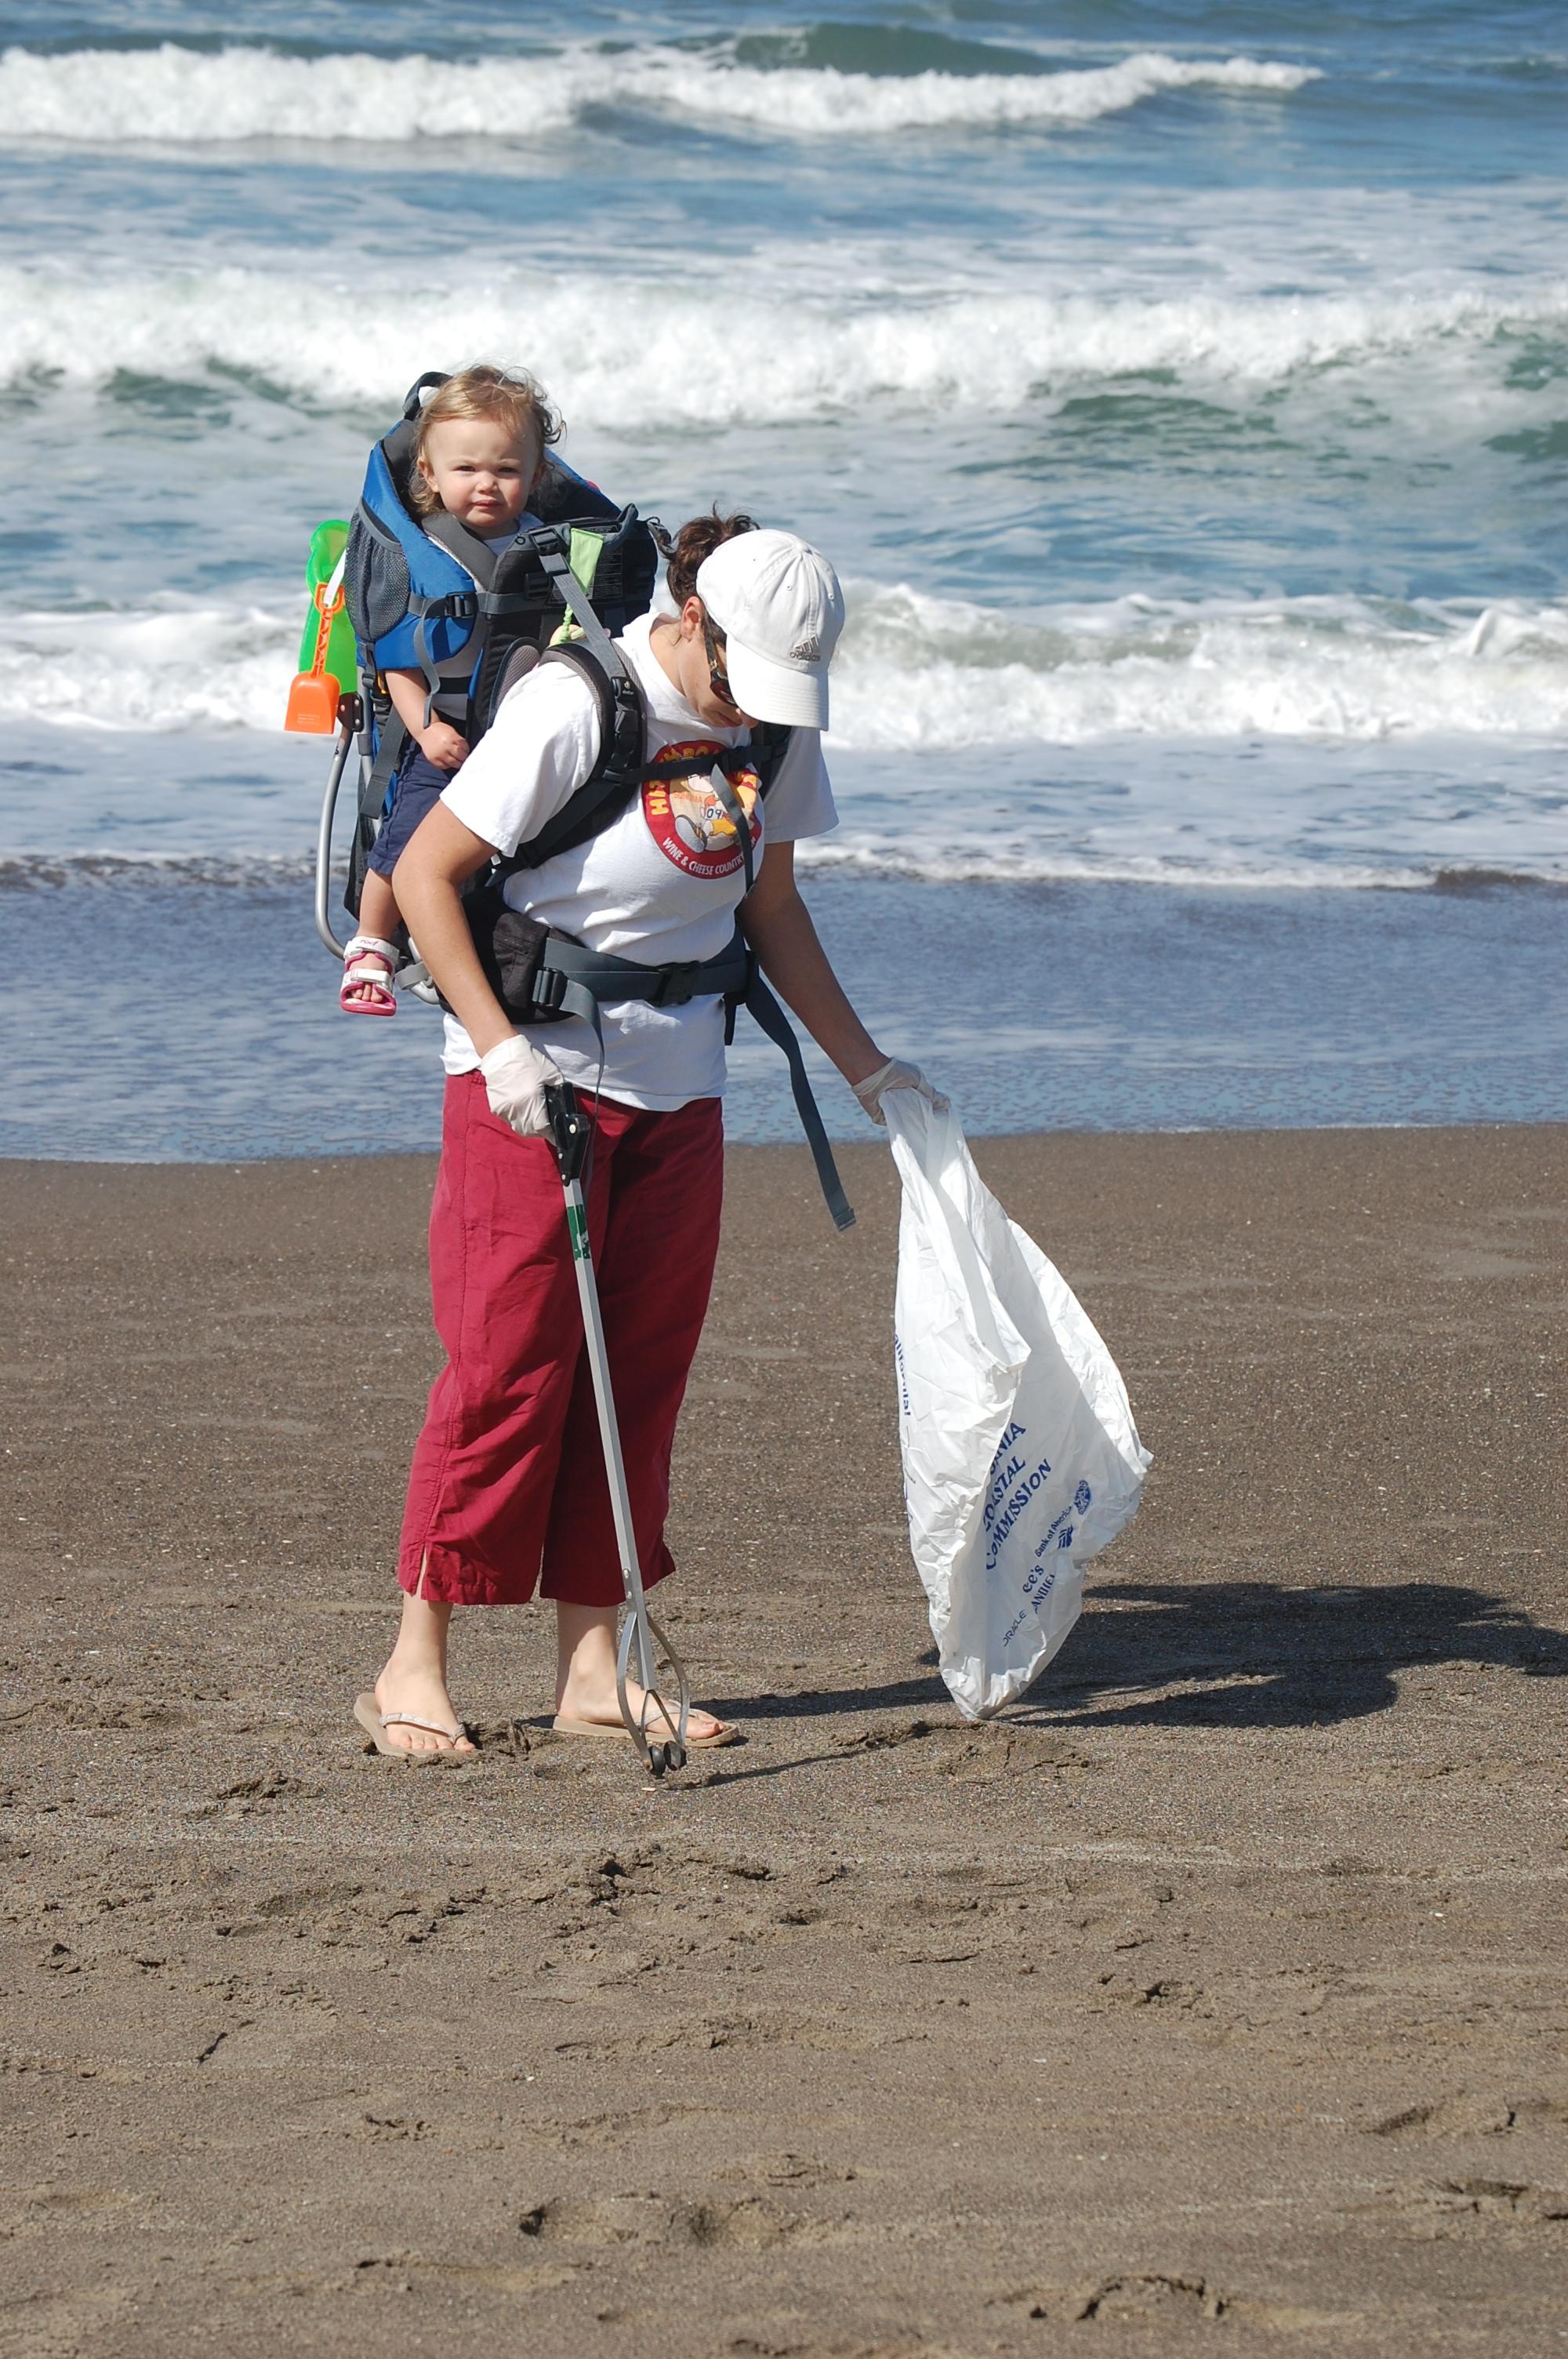 04-24-10 CDA Beach Clenup 088